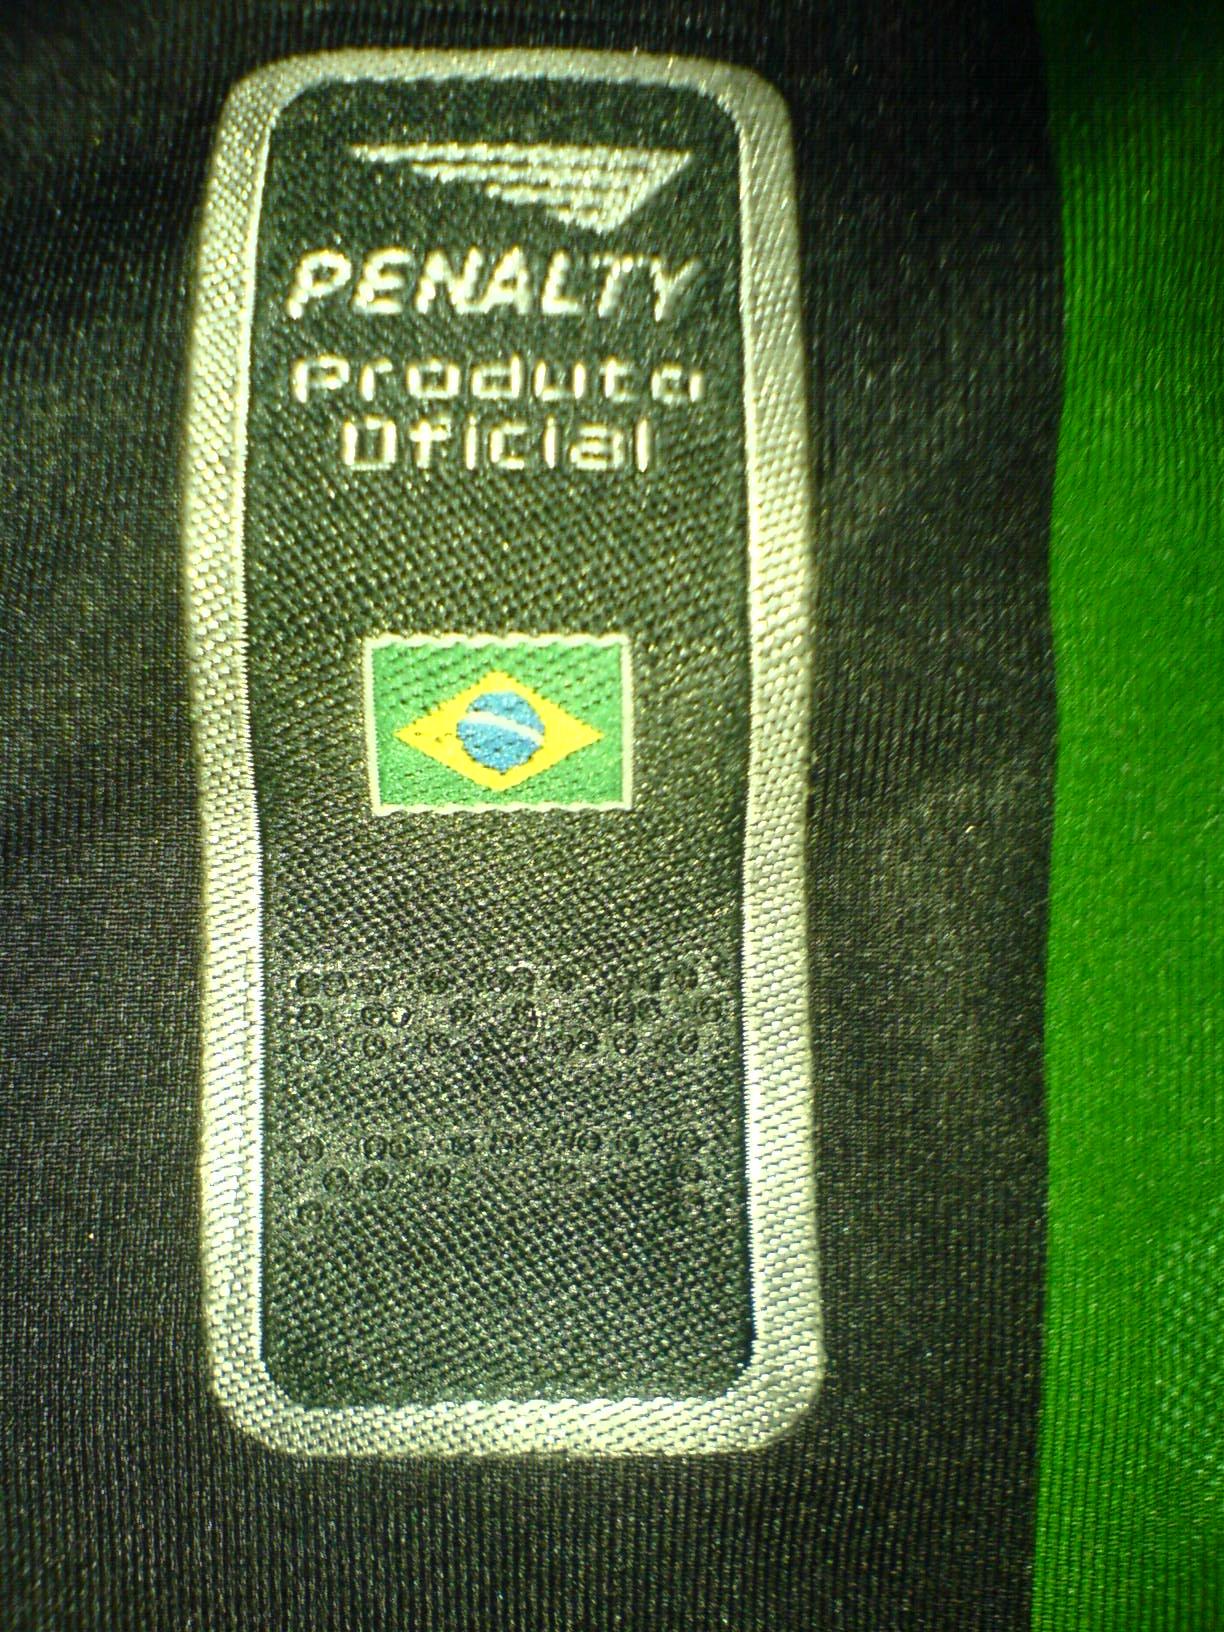 d505414f17 Penalty e a (não tão) misteriosa mensagem em Braille